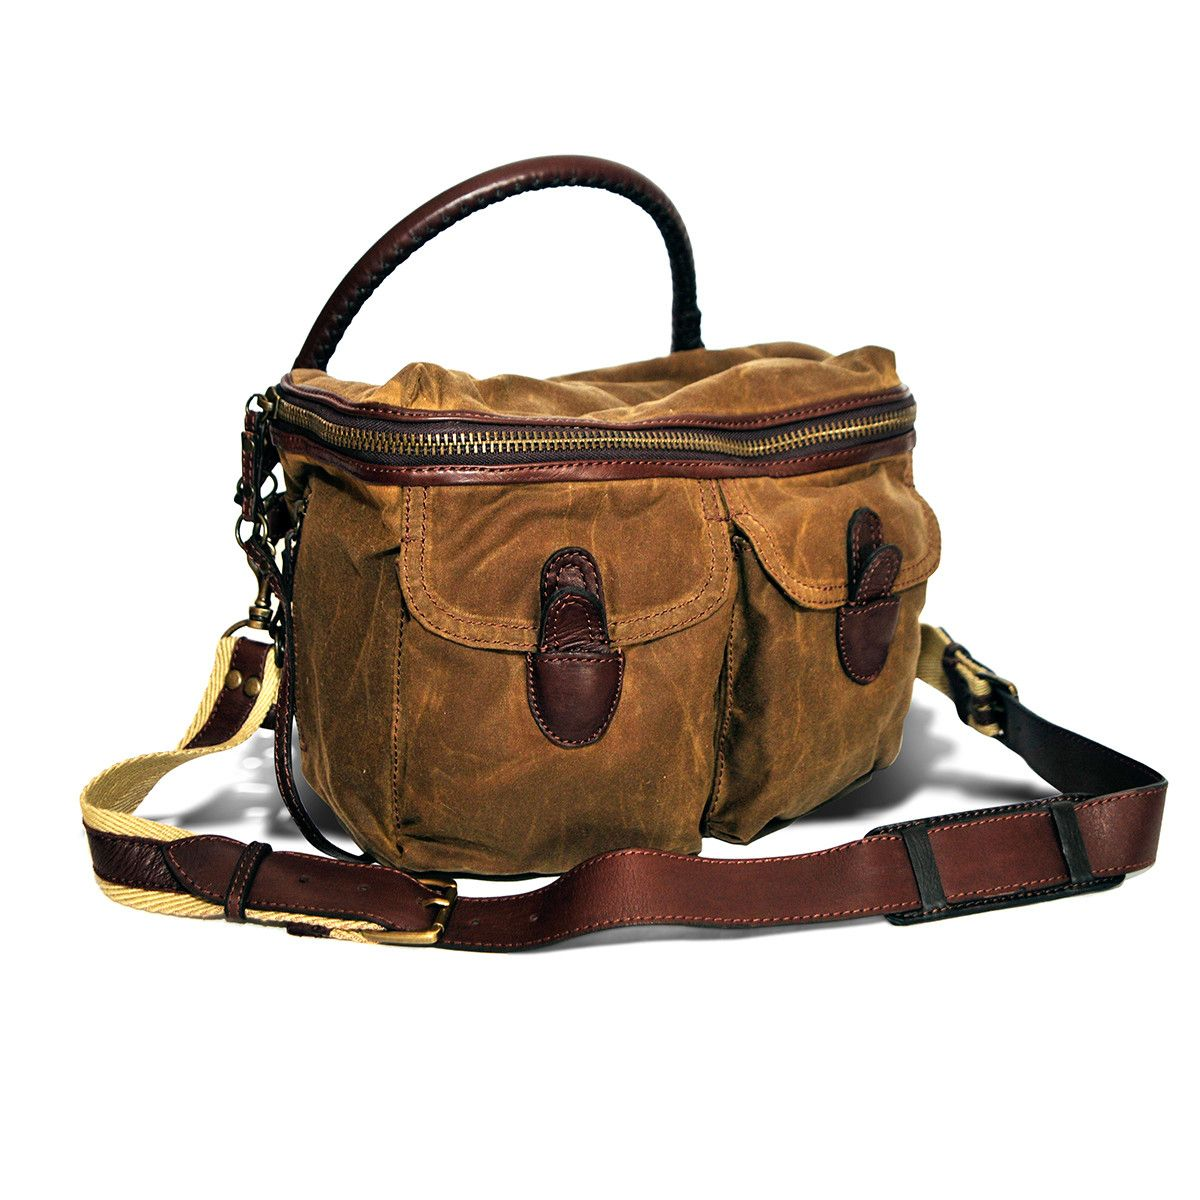 e8e141aba06 Stoere tas Moderne Mode, Mode Tassen, Portemonnees En Tassen, Zelf,  Portemonnees,